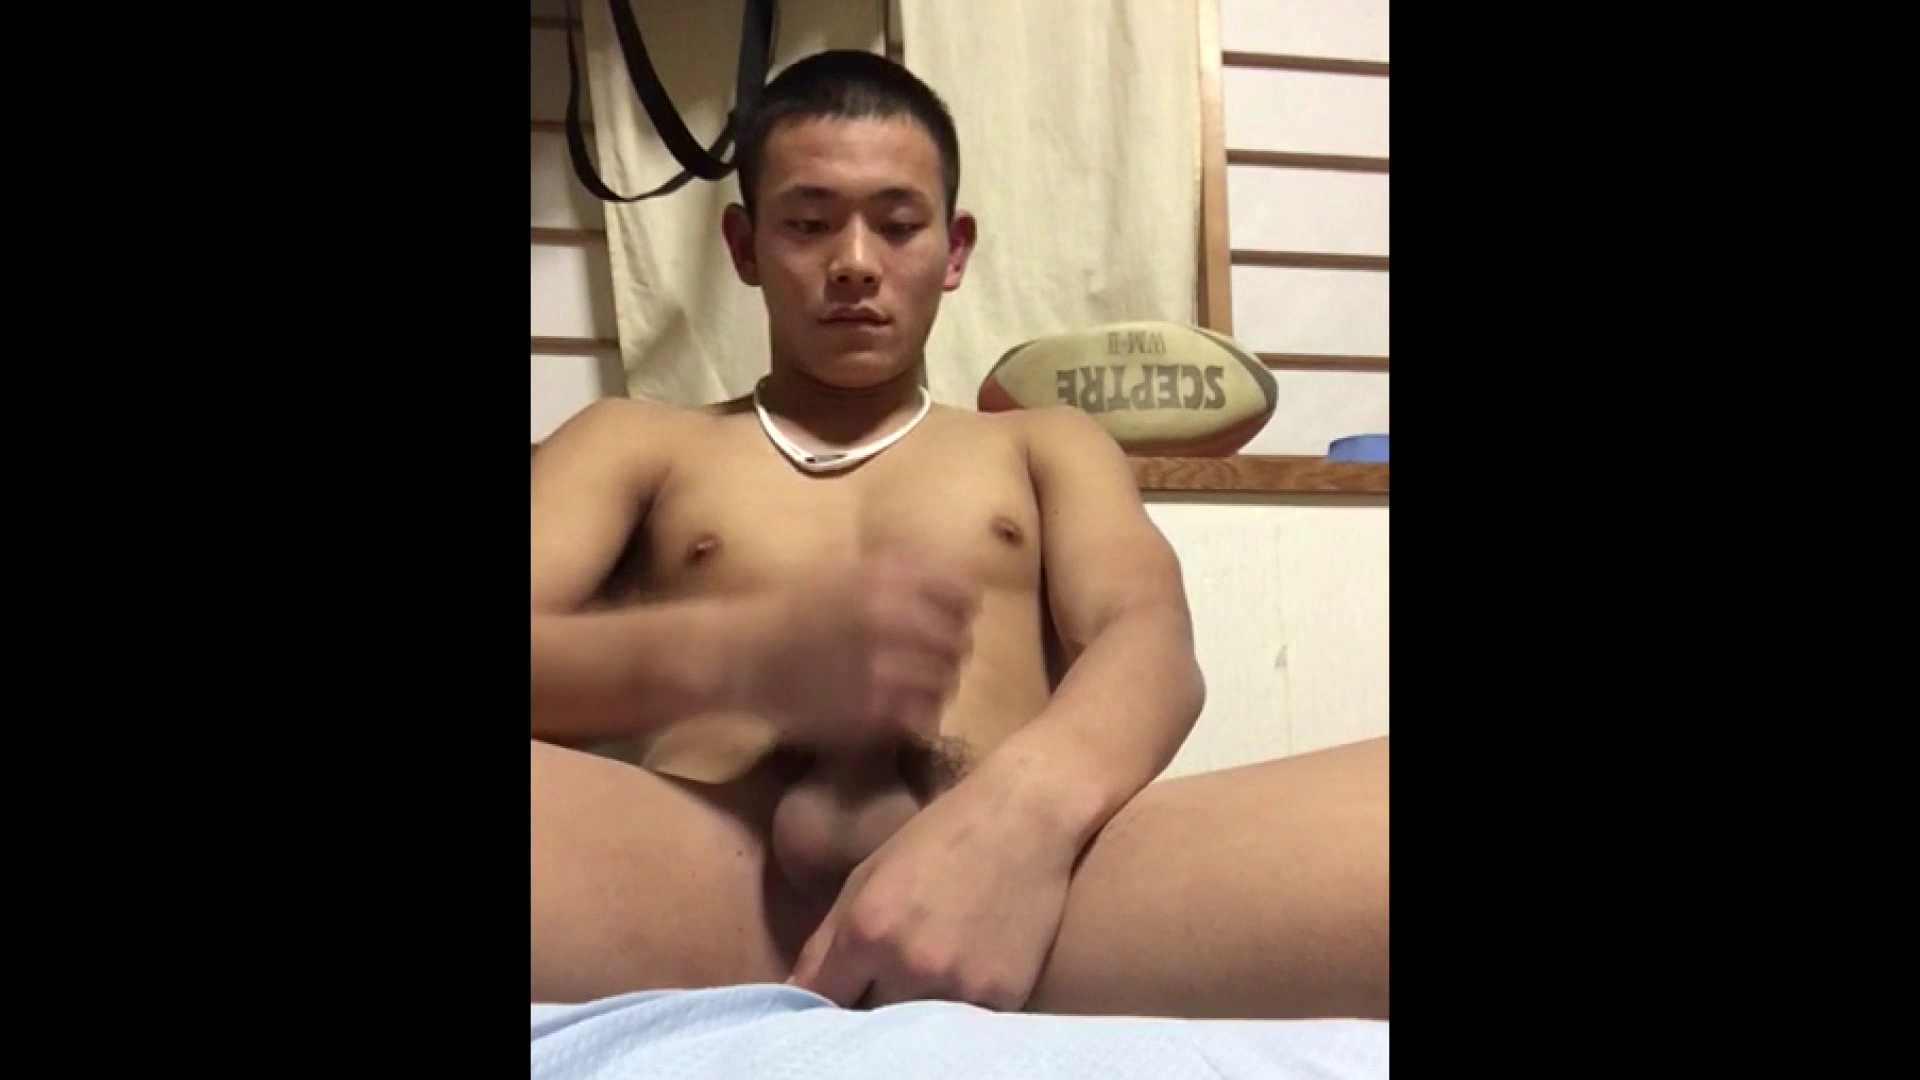 個人撮影 自慰の極意 Vol.26 ゲイのオナニー映像 ゲイアダルトビデオ画像 93枚 70